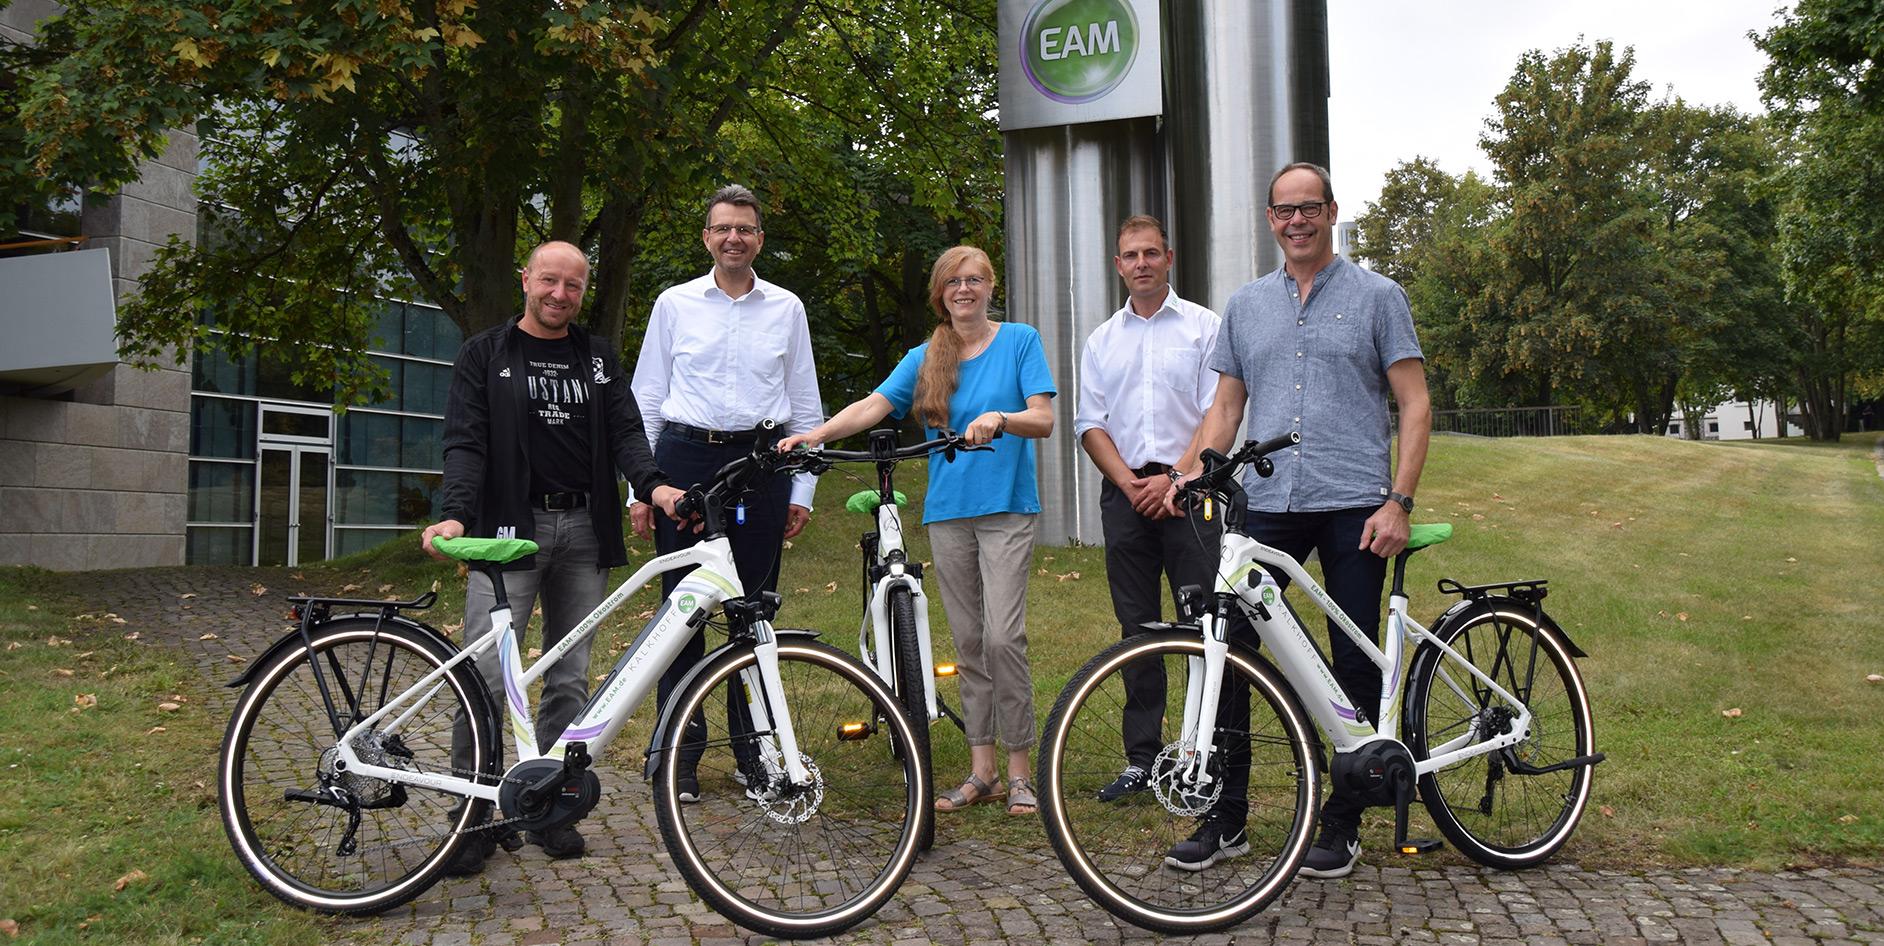 Die Gewinner der EAM-Sommeraktion nehmen ihre E-Bikes in Empfang.